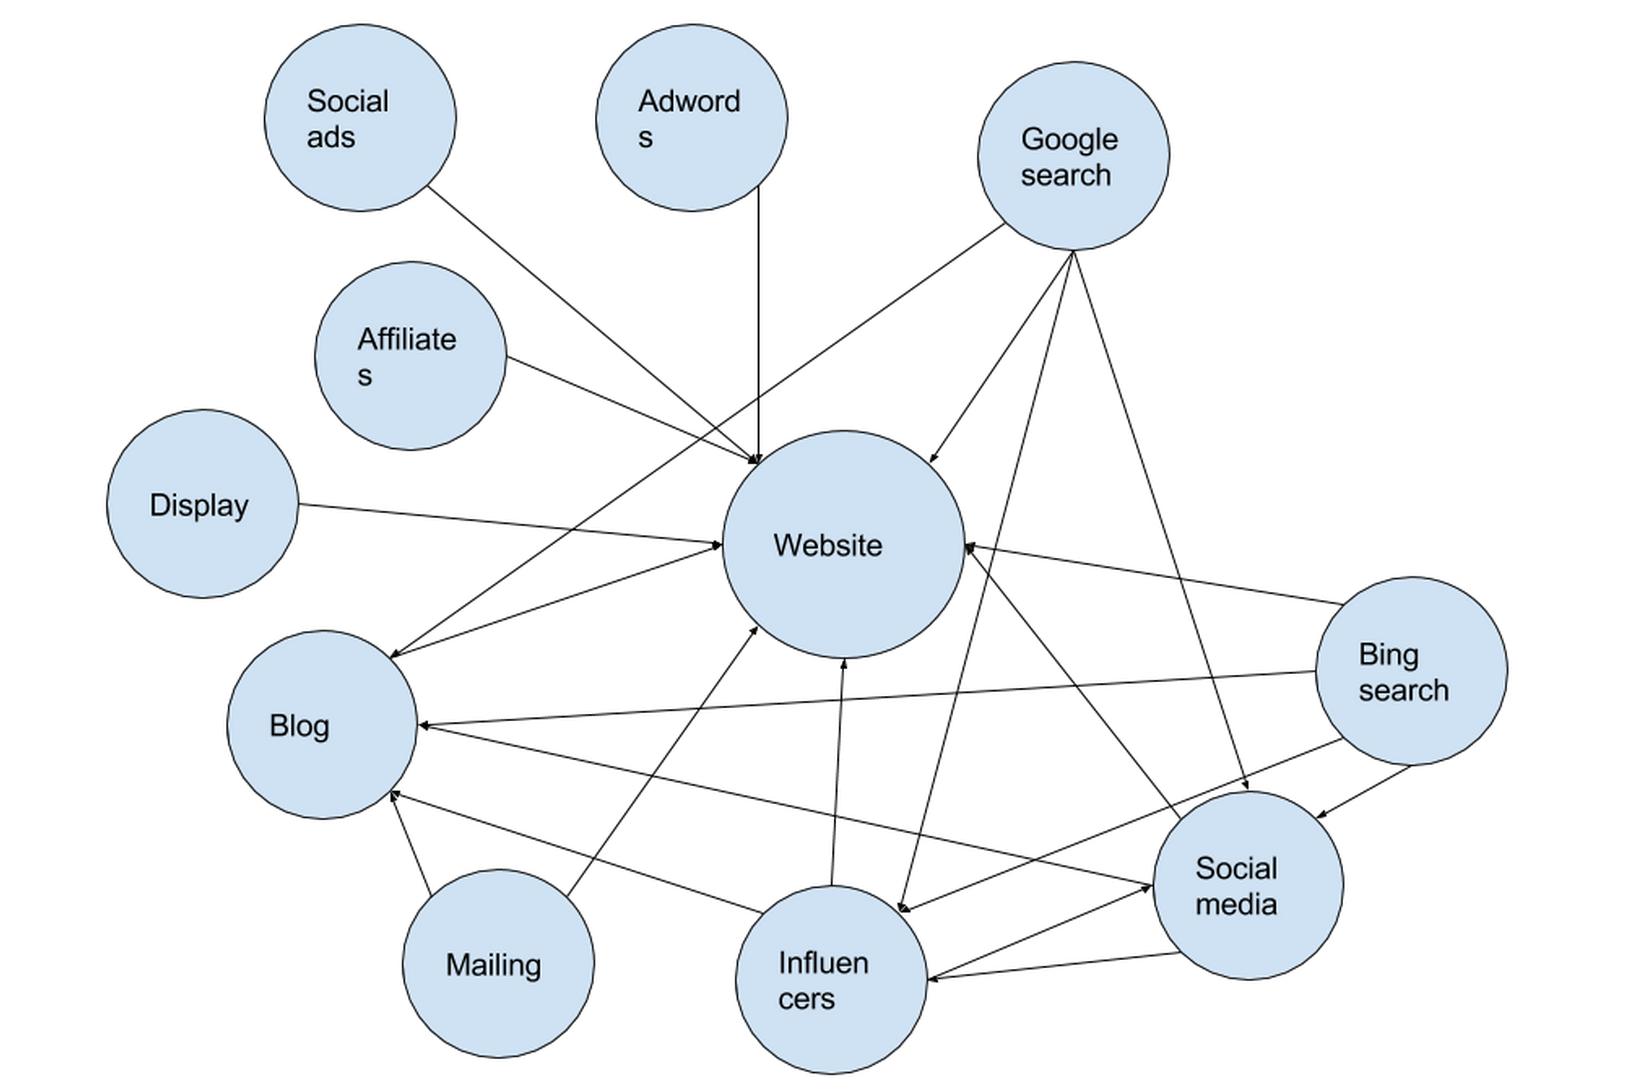 De relatie en richting van merk/marketing ondersteunende boodschappen binnen online marketing